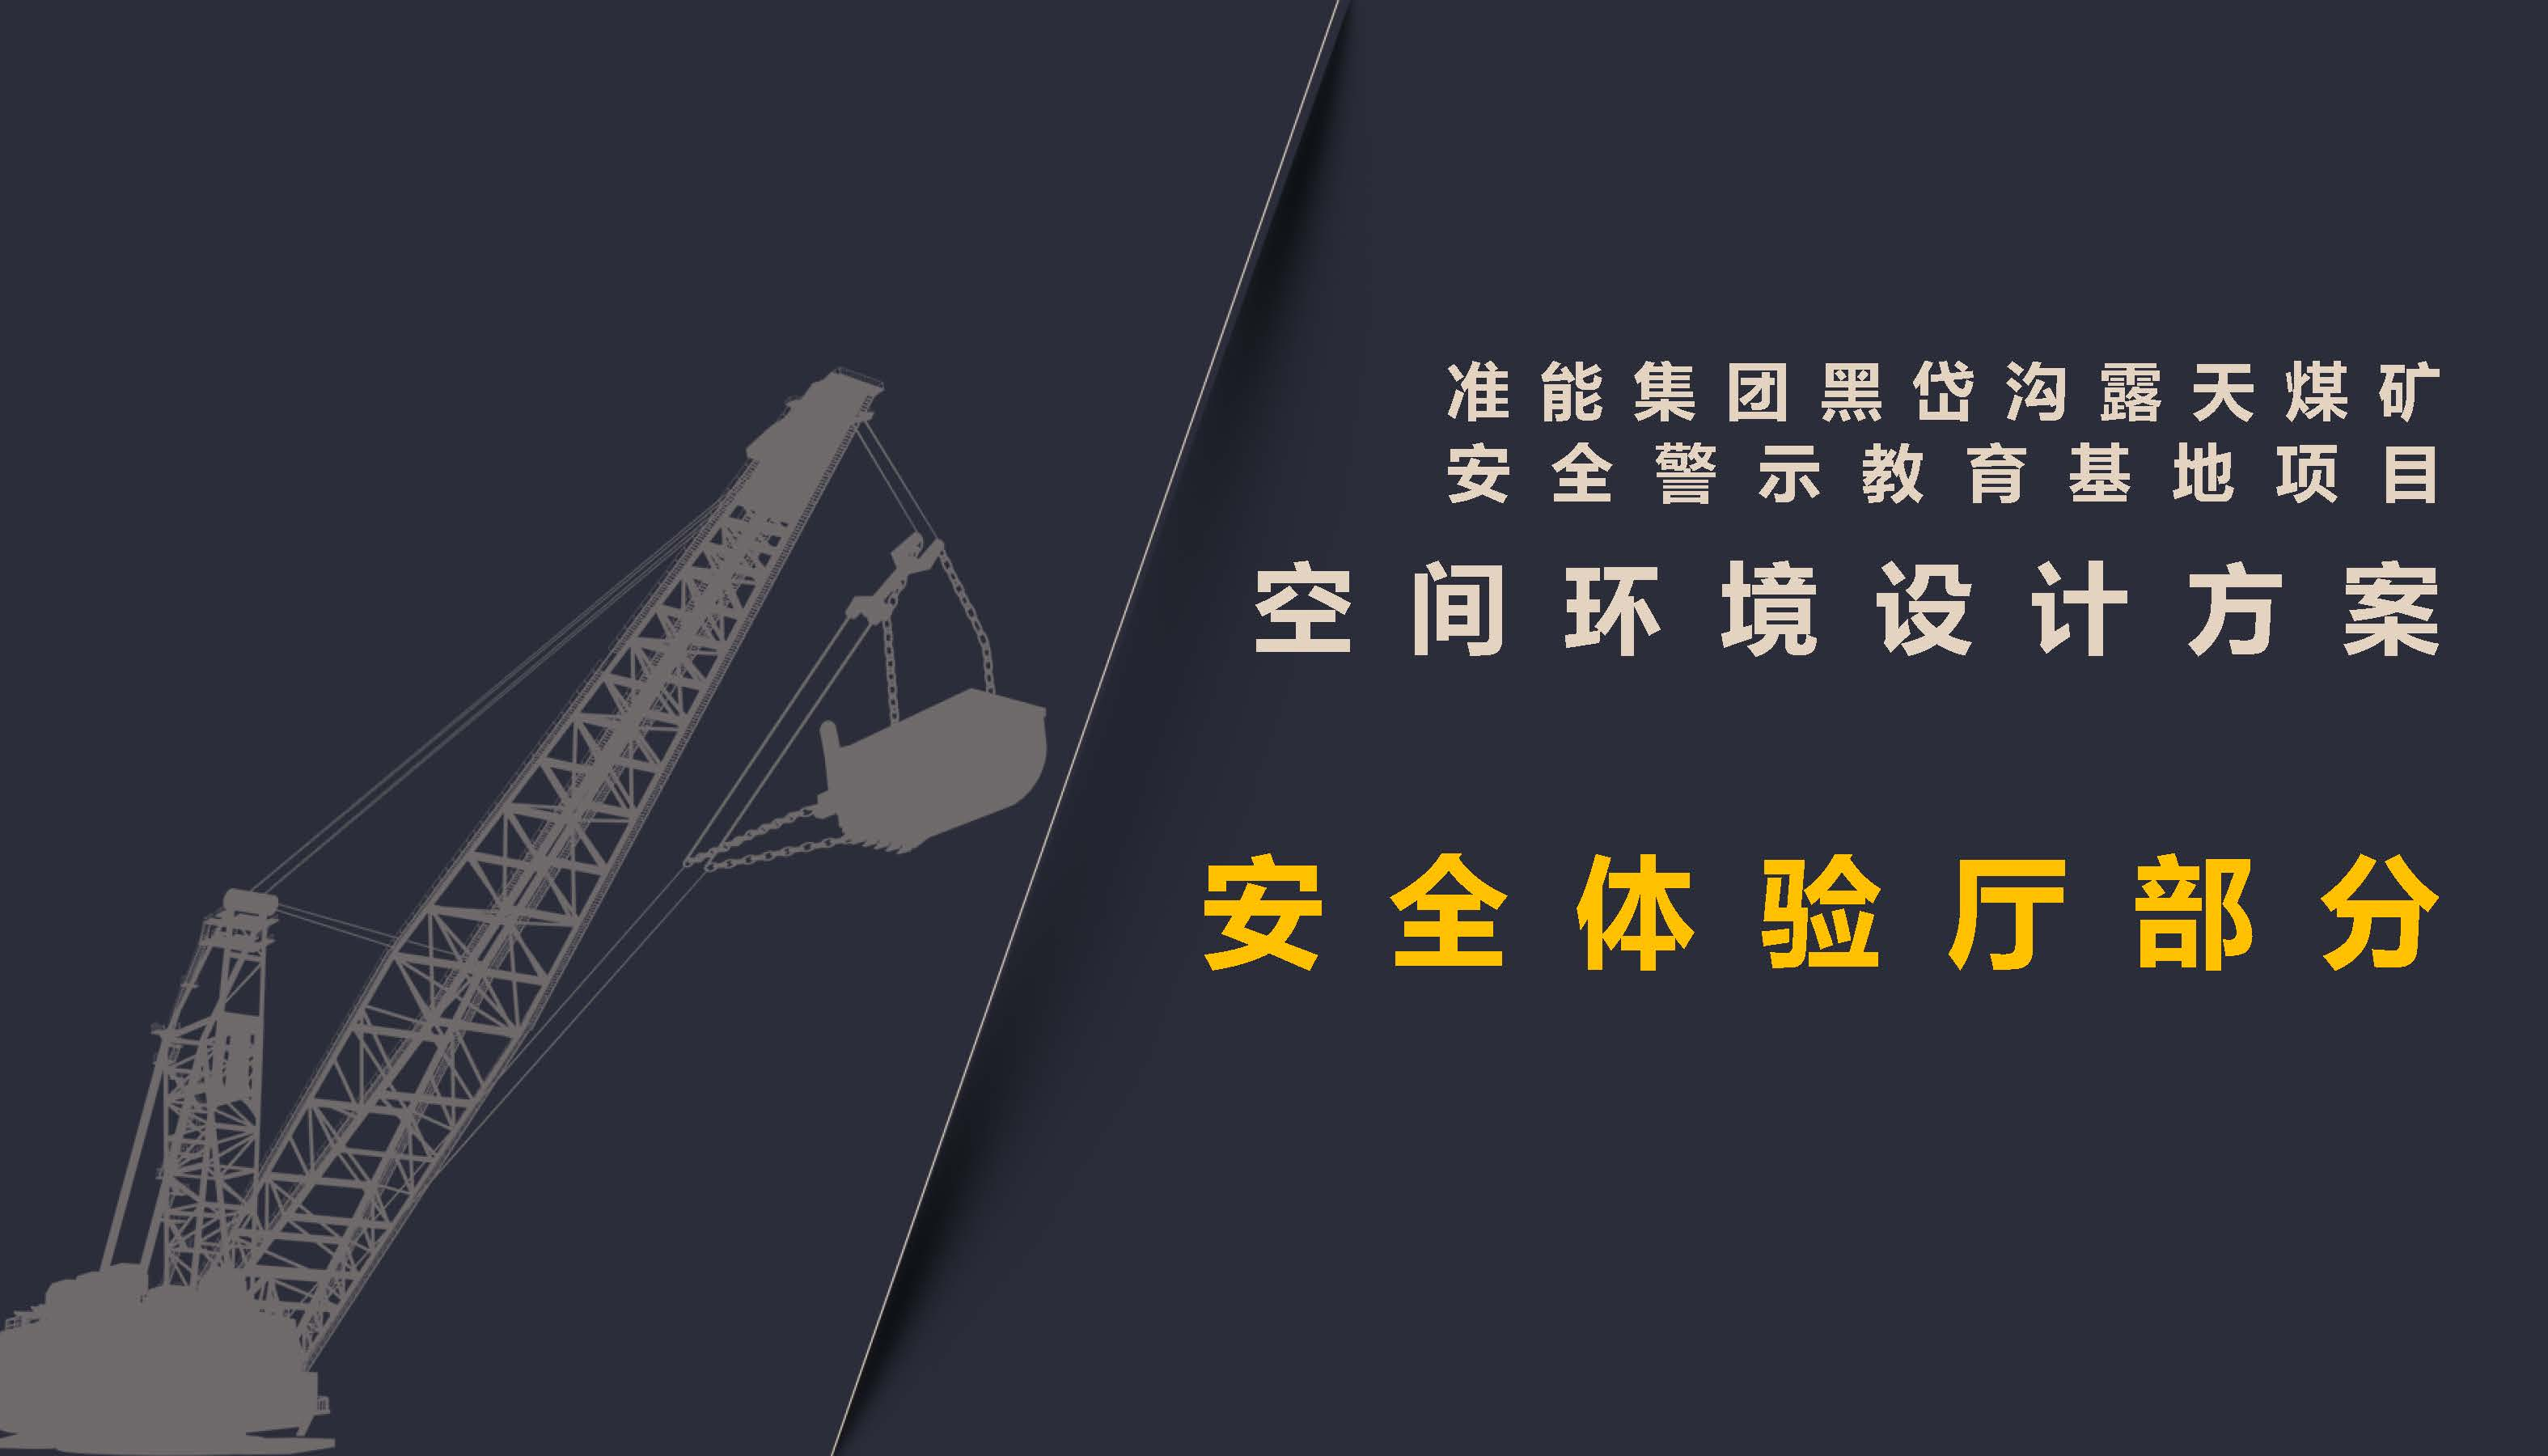 黑黛沟安全警示教育基地安全体验部分_页面_01